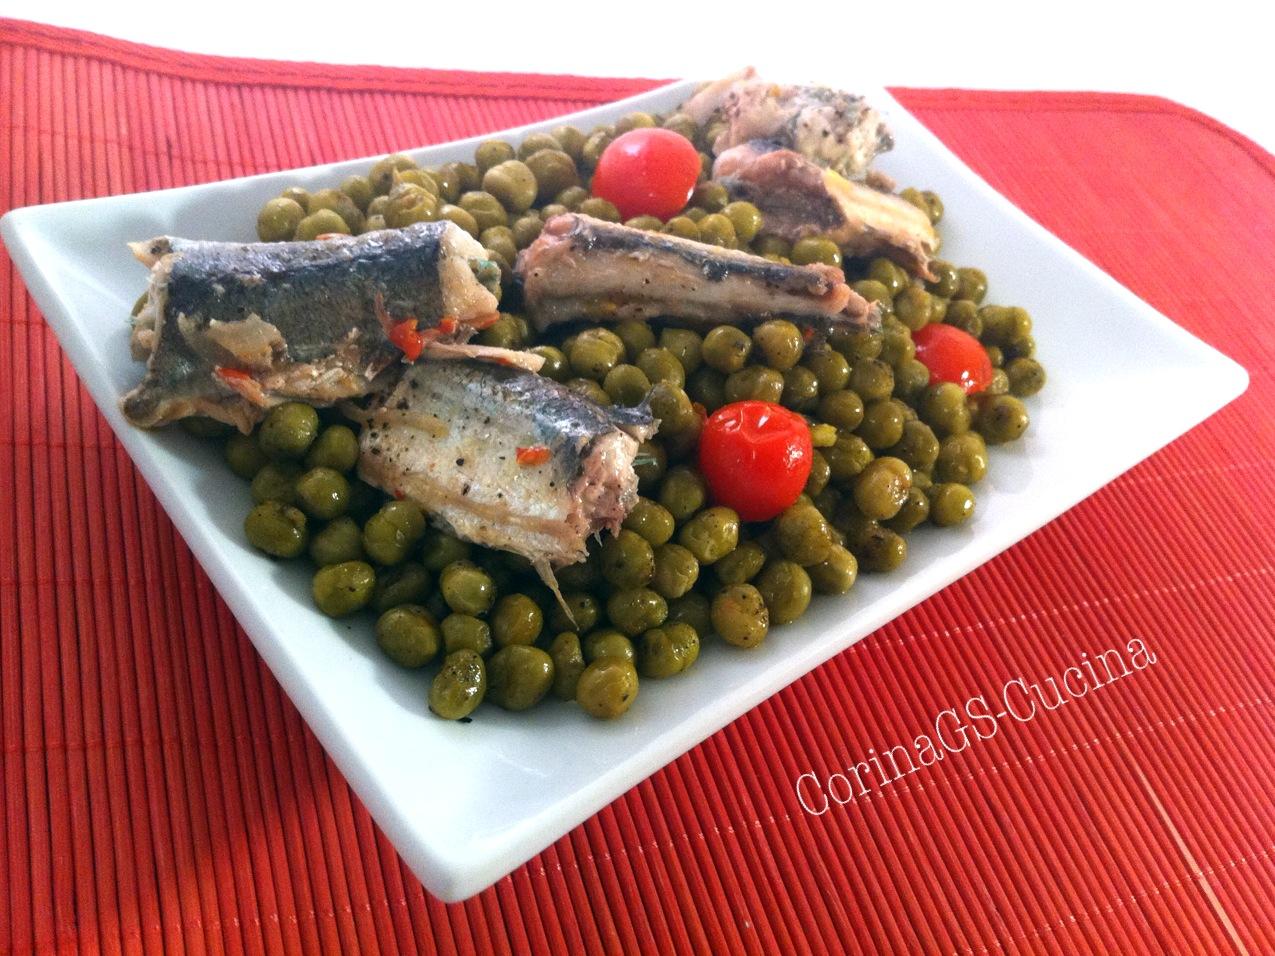 Aguglie in padella con pomodorini e piselli corinags cucina for In cucina ricette